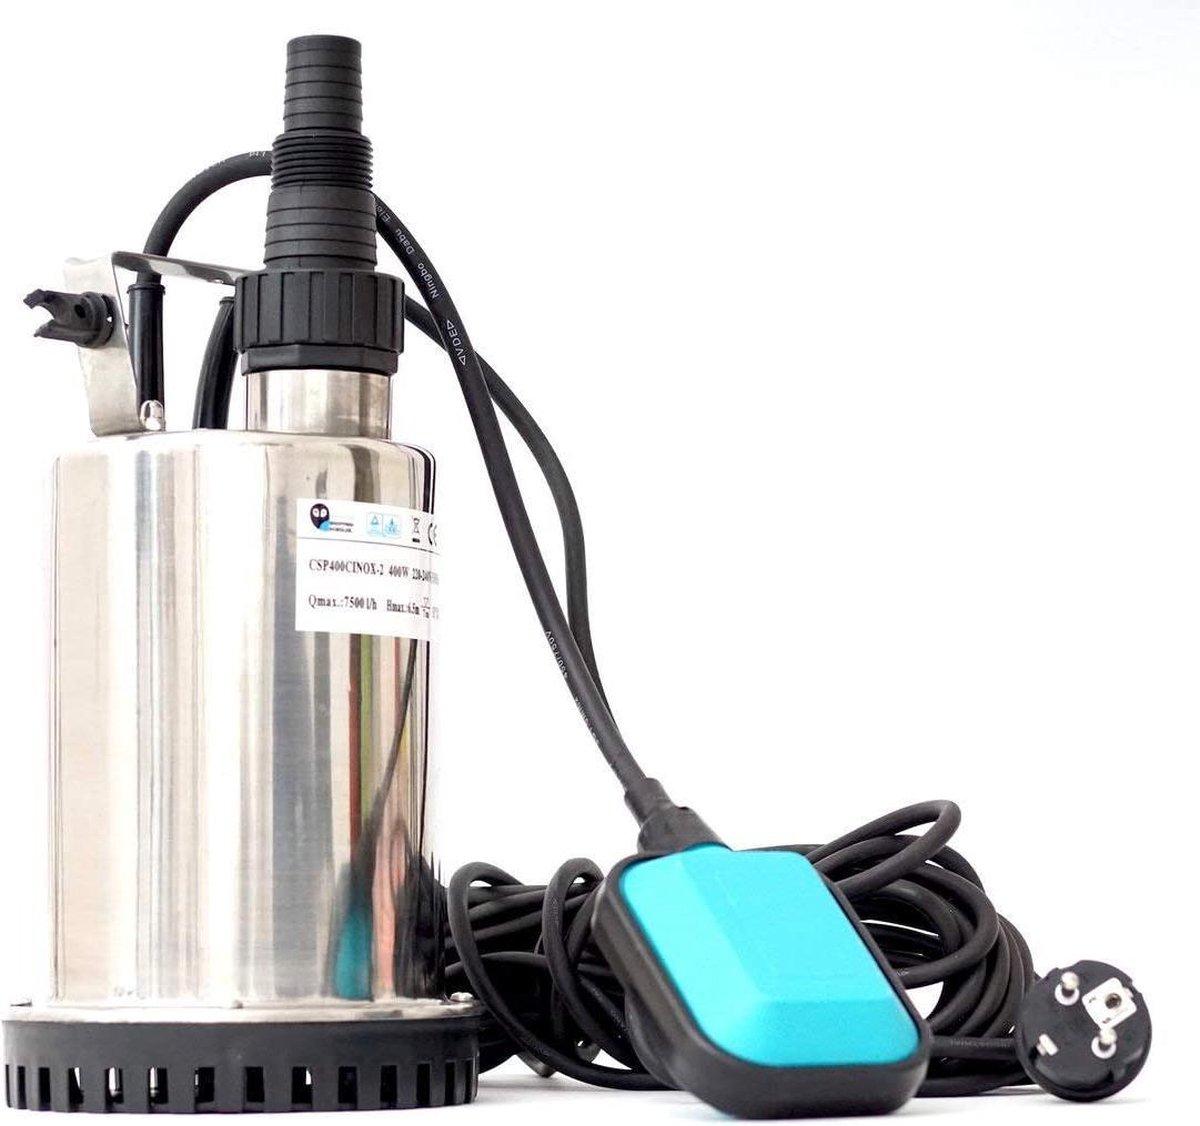 zwembadpomp-professional csp900cinox platte zuigpomp / dompelpomp / kelderpomp / vuile waterpomp / zwembadpomp gemaakt van hoogwaardige roestvrijstalen behuizing met 900 watt (leveringscapaciteit 12000 liter / h) - (WK 02123)